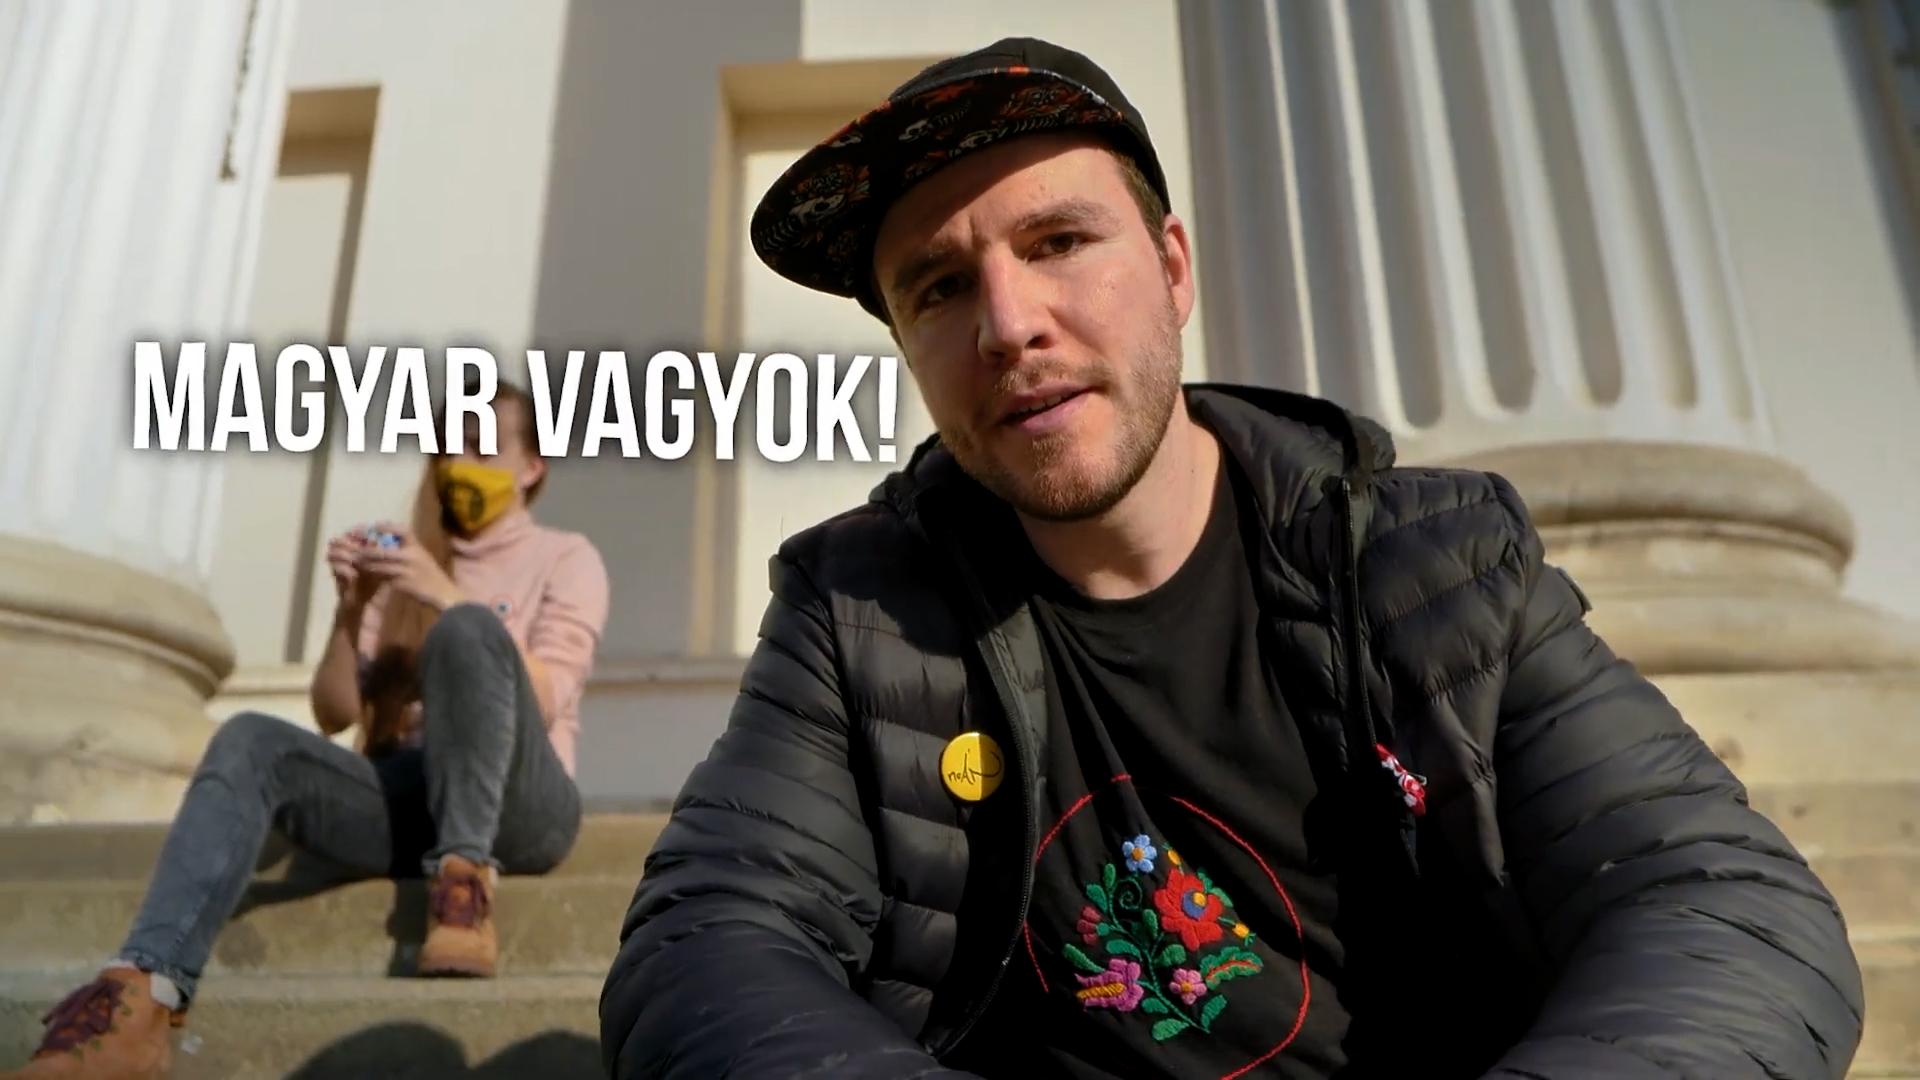 noÁr: Megvan, mikor érezted magad igazán magyarnak?